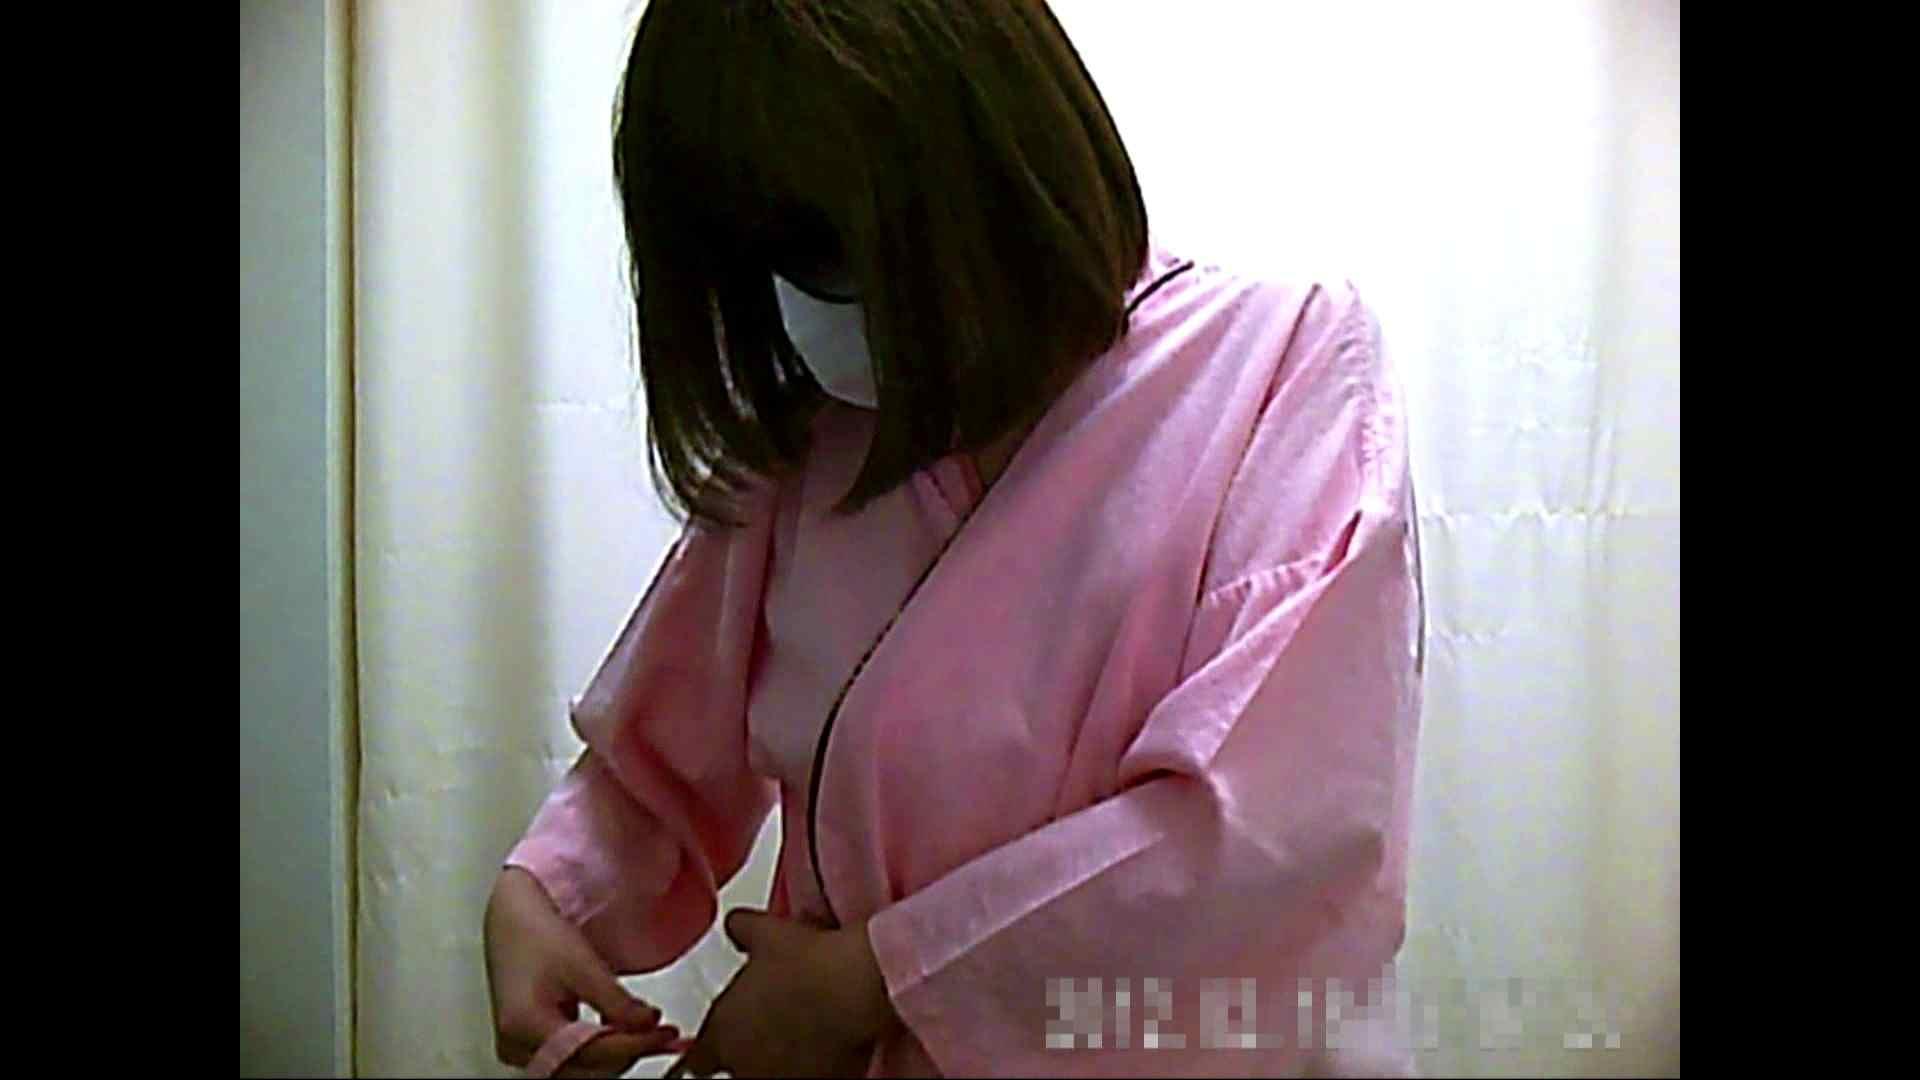 元医者による反抗 更衣室地獄絵巻 vol.271 OLハメ撮り  97Pix 31